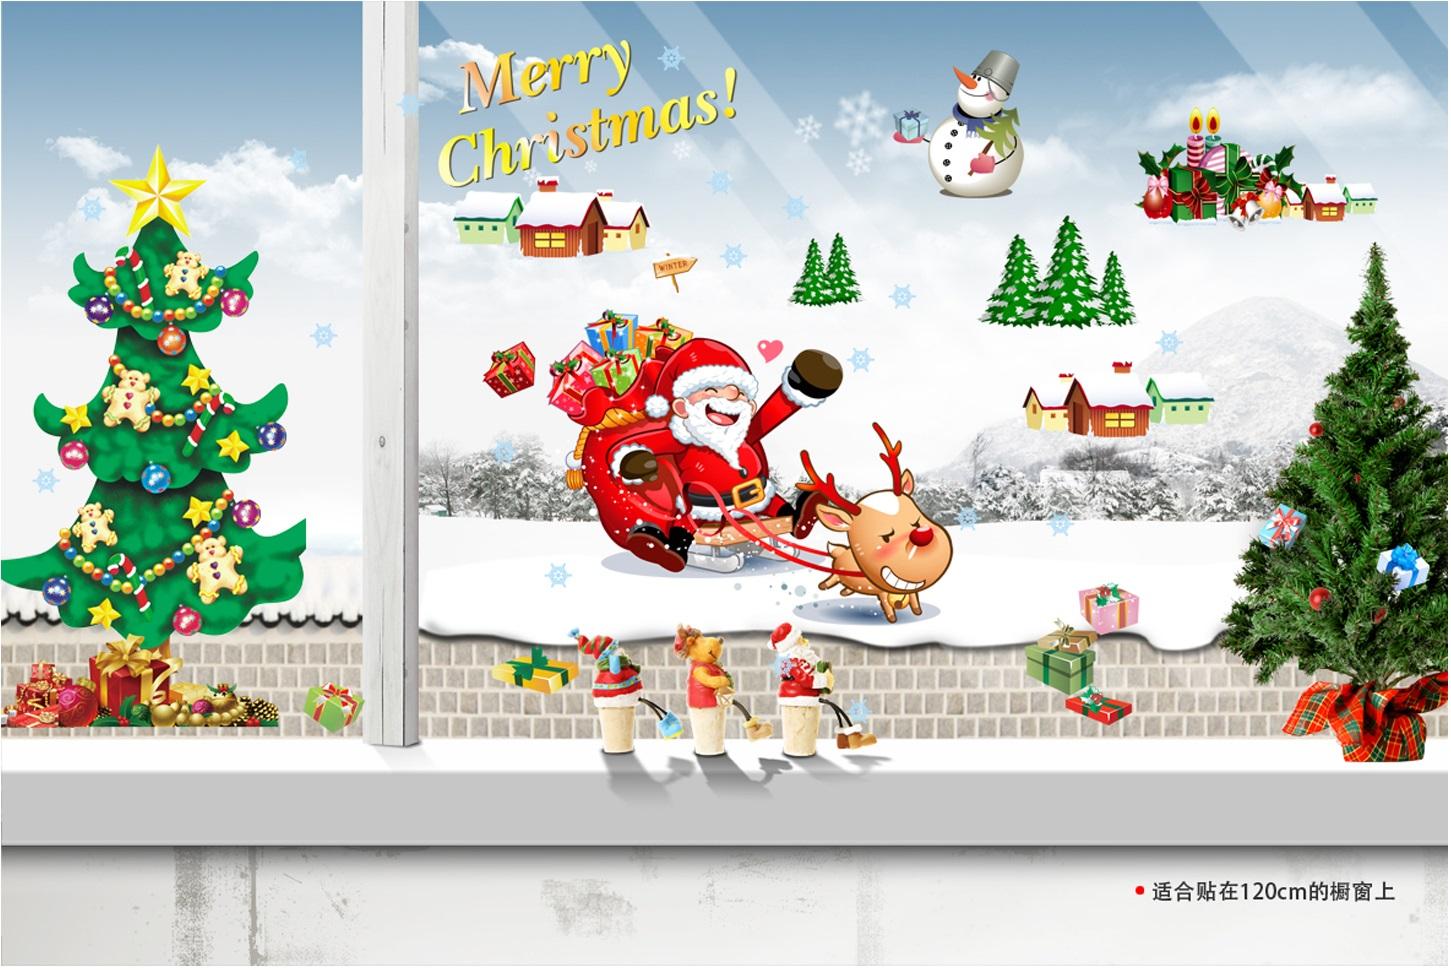 【壁貼王國】 耶誕系列無痕壁貼 《聖誕老公公 - AY767》